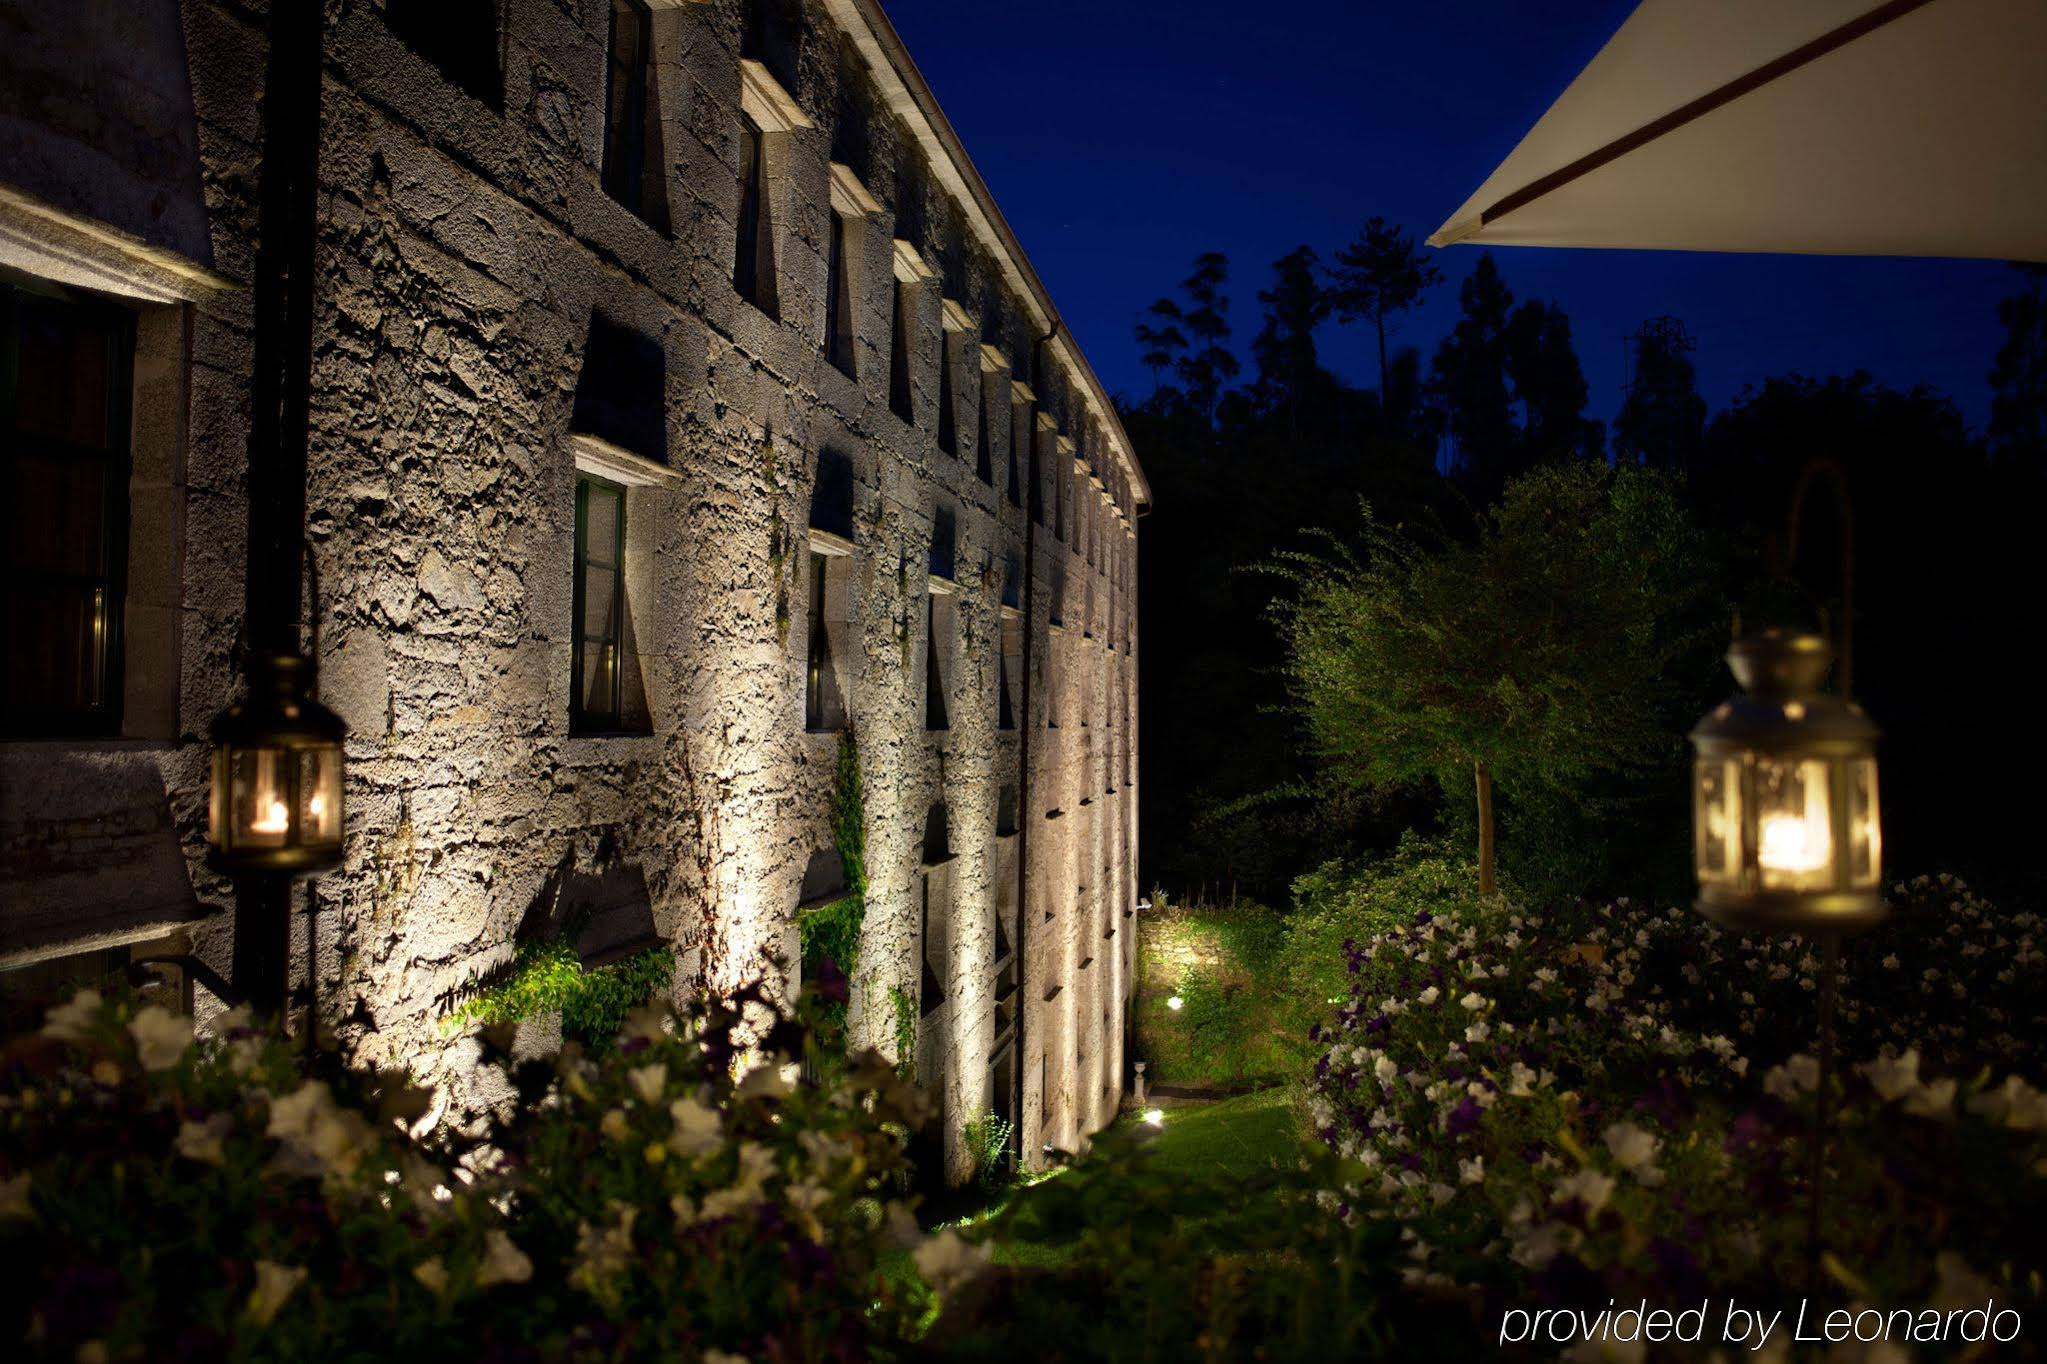 Hotel Spa Relais & Chateaux A Quinta Da Auga - Santiago De Compostela